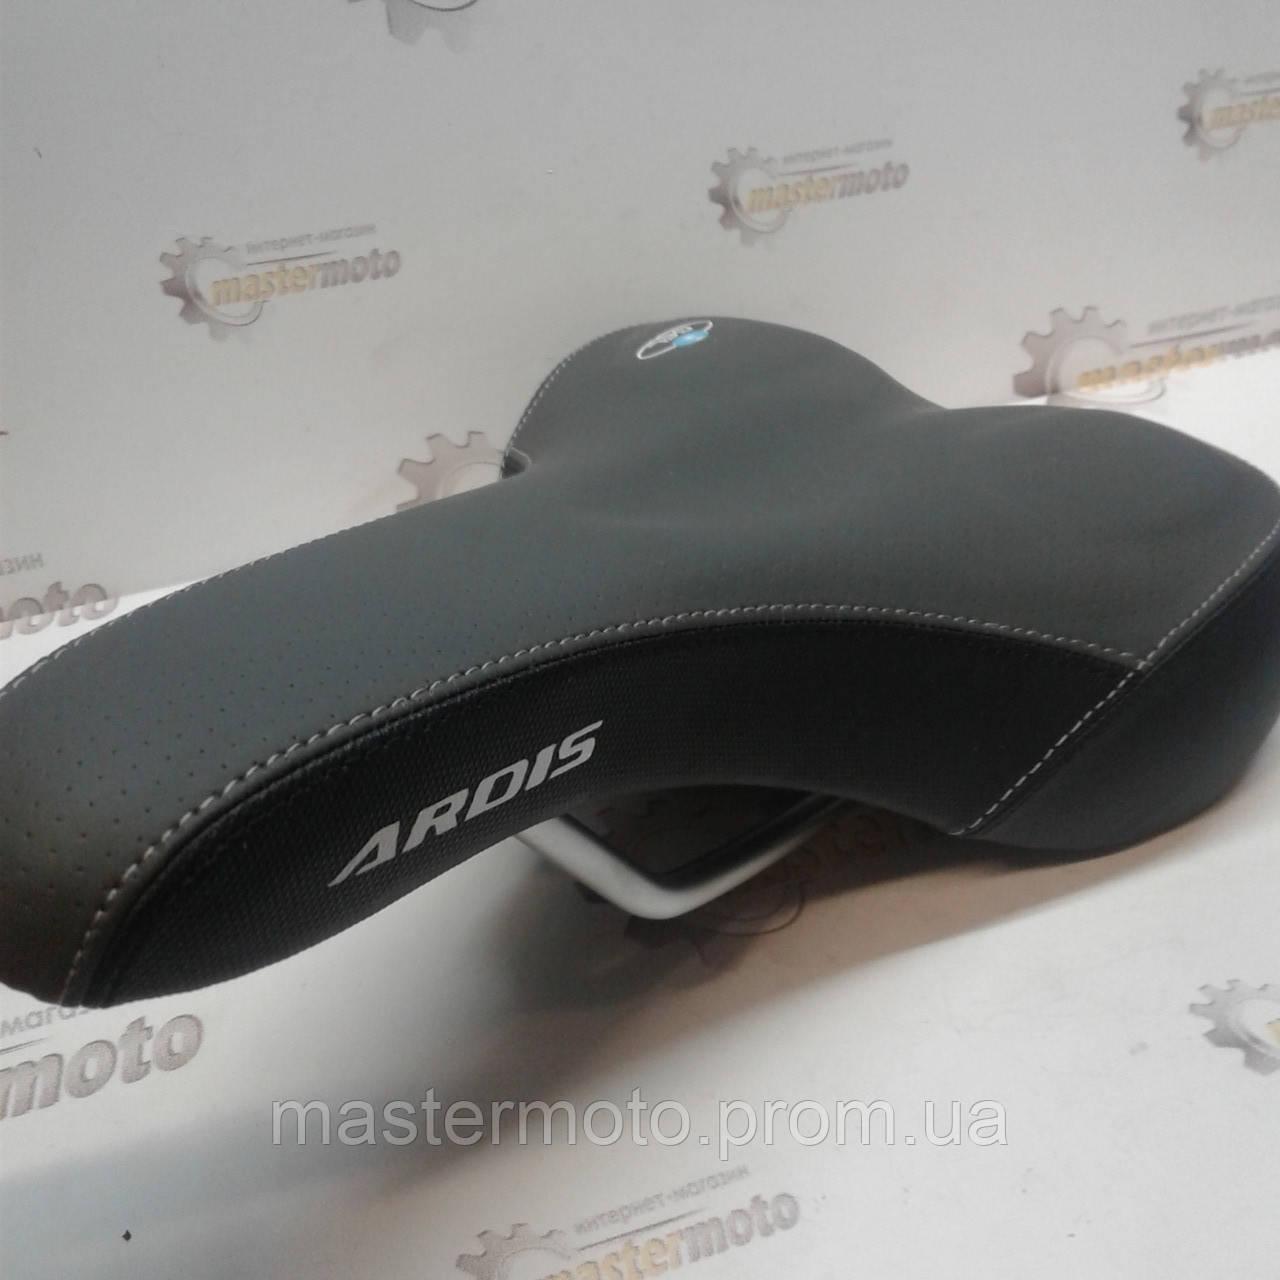 Сиденье велосипедное MTB с гелевыми вставками, черно-серое ARDIS